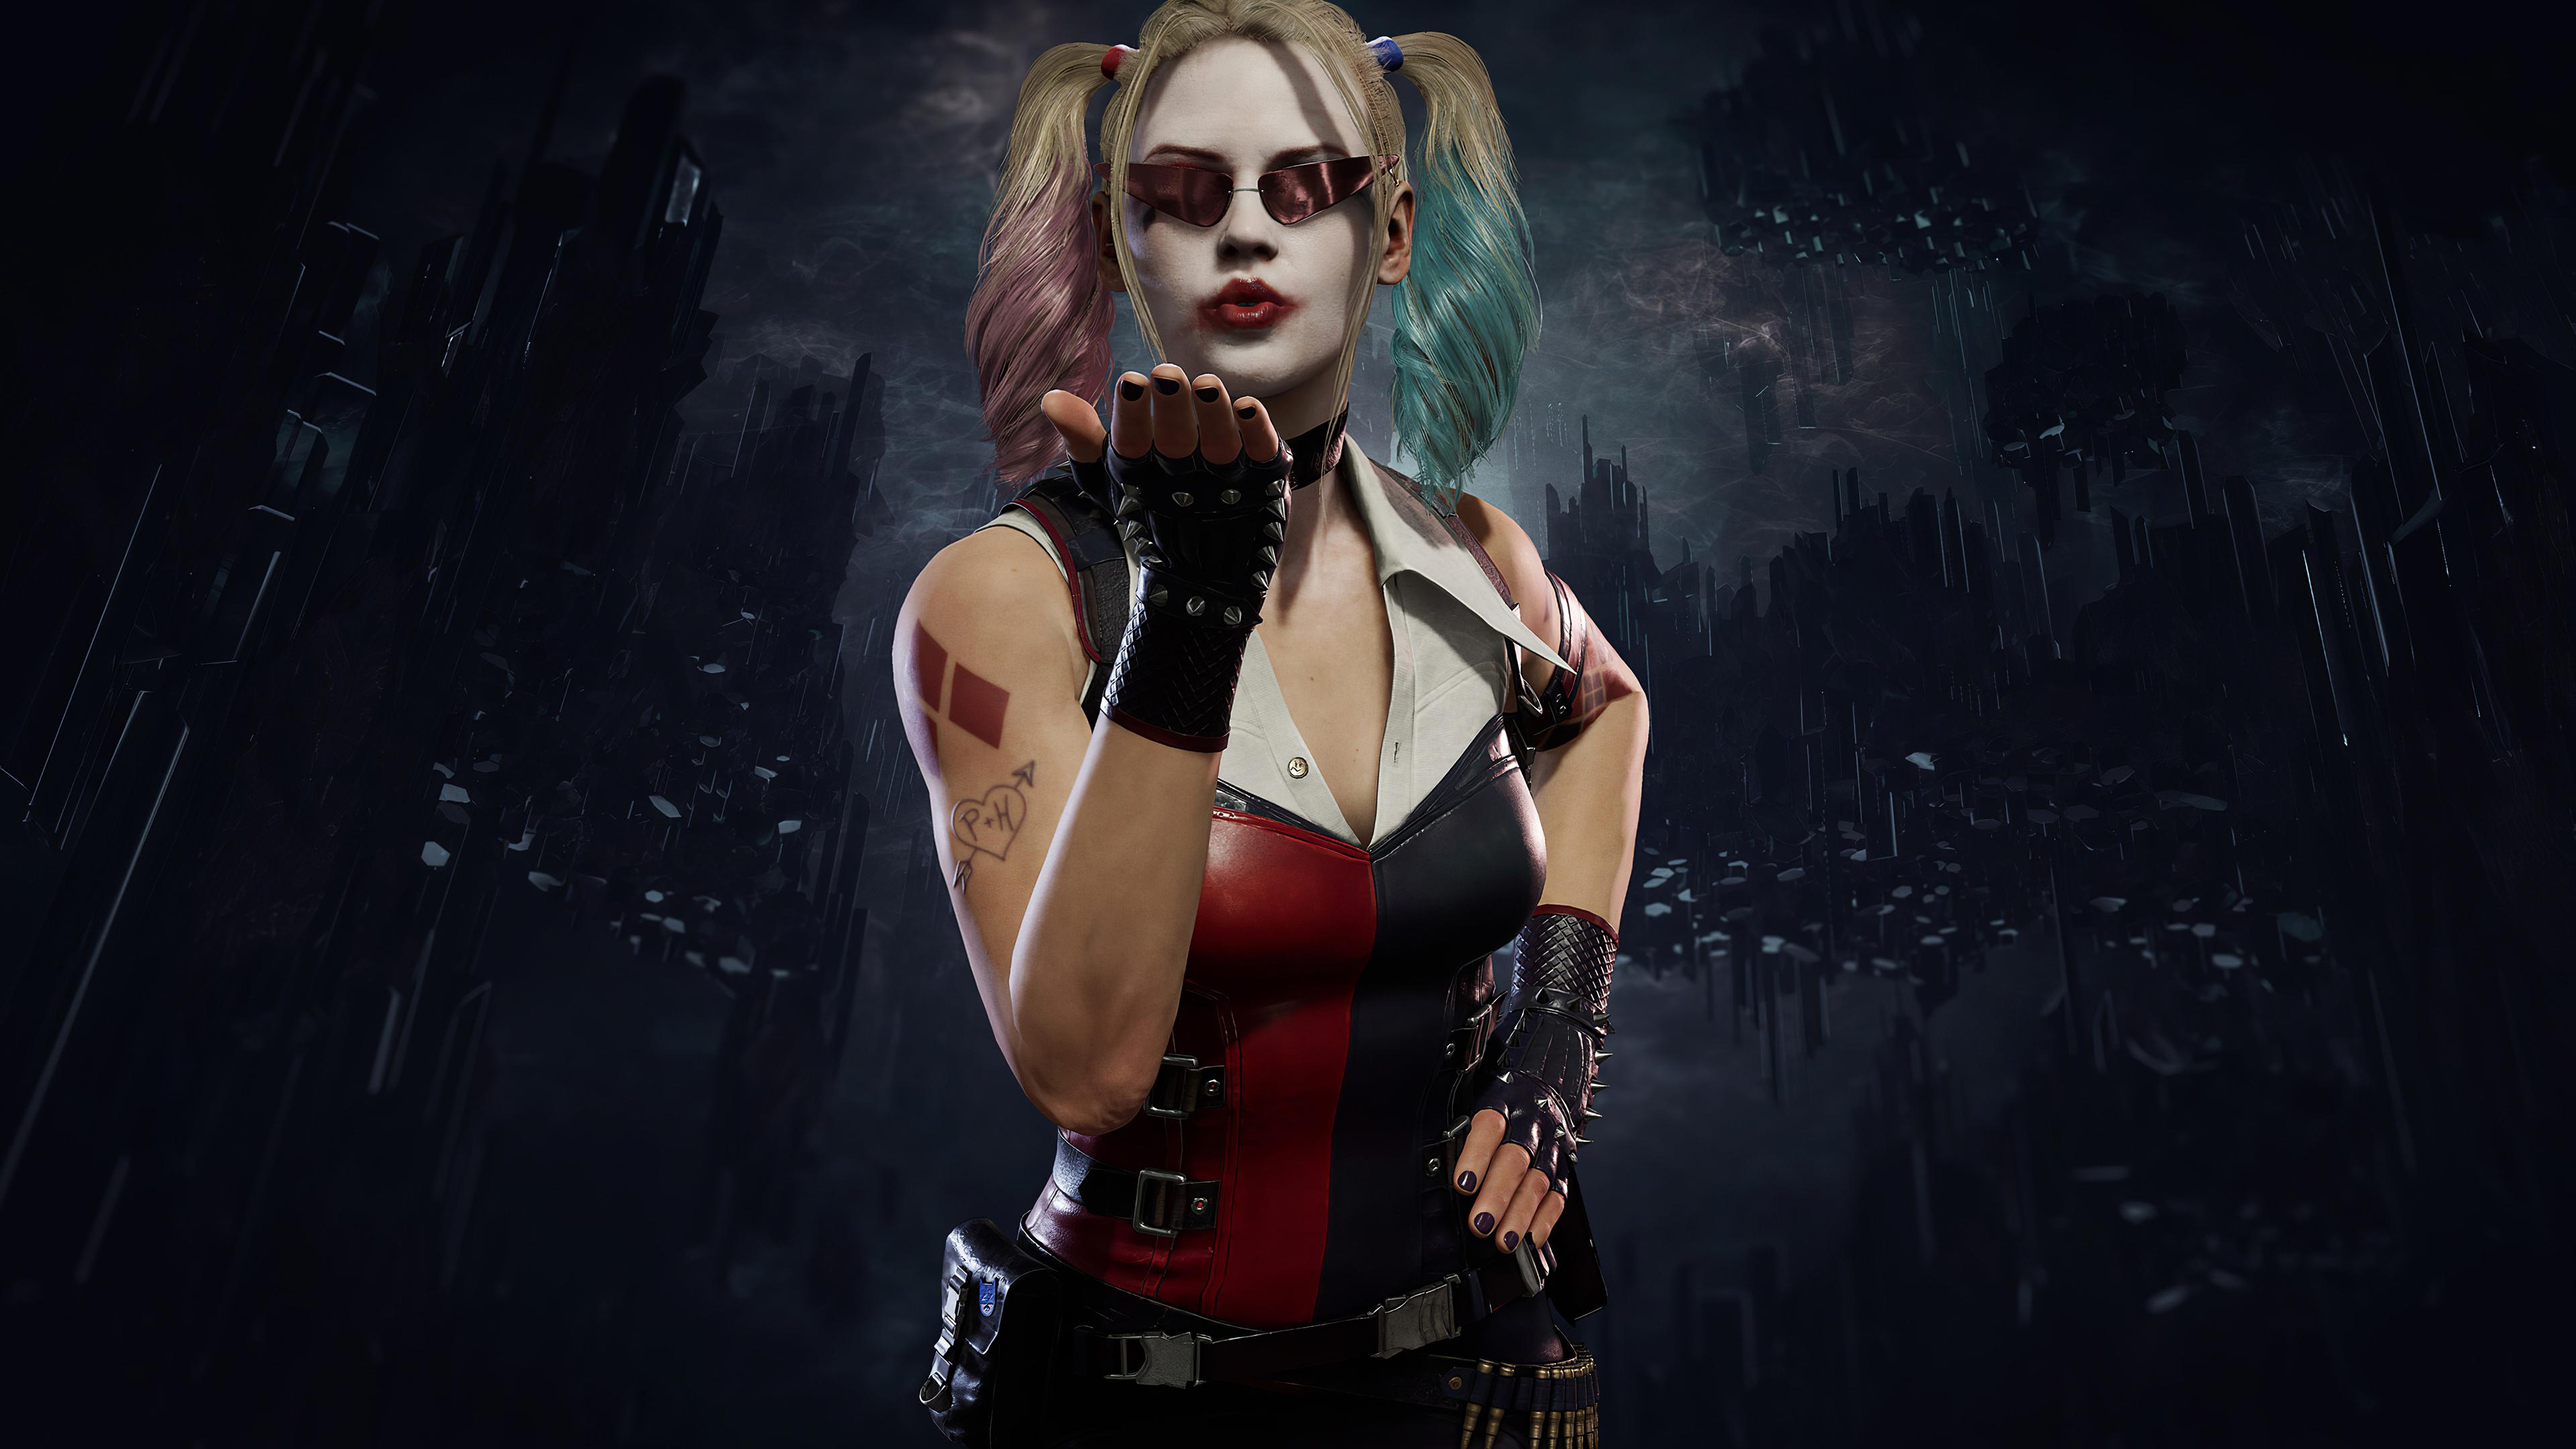 Wallpaper 4k Harley Quinn Mortal Kombat 11 2019 Games Wallpapers